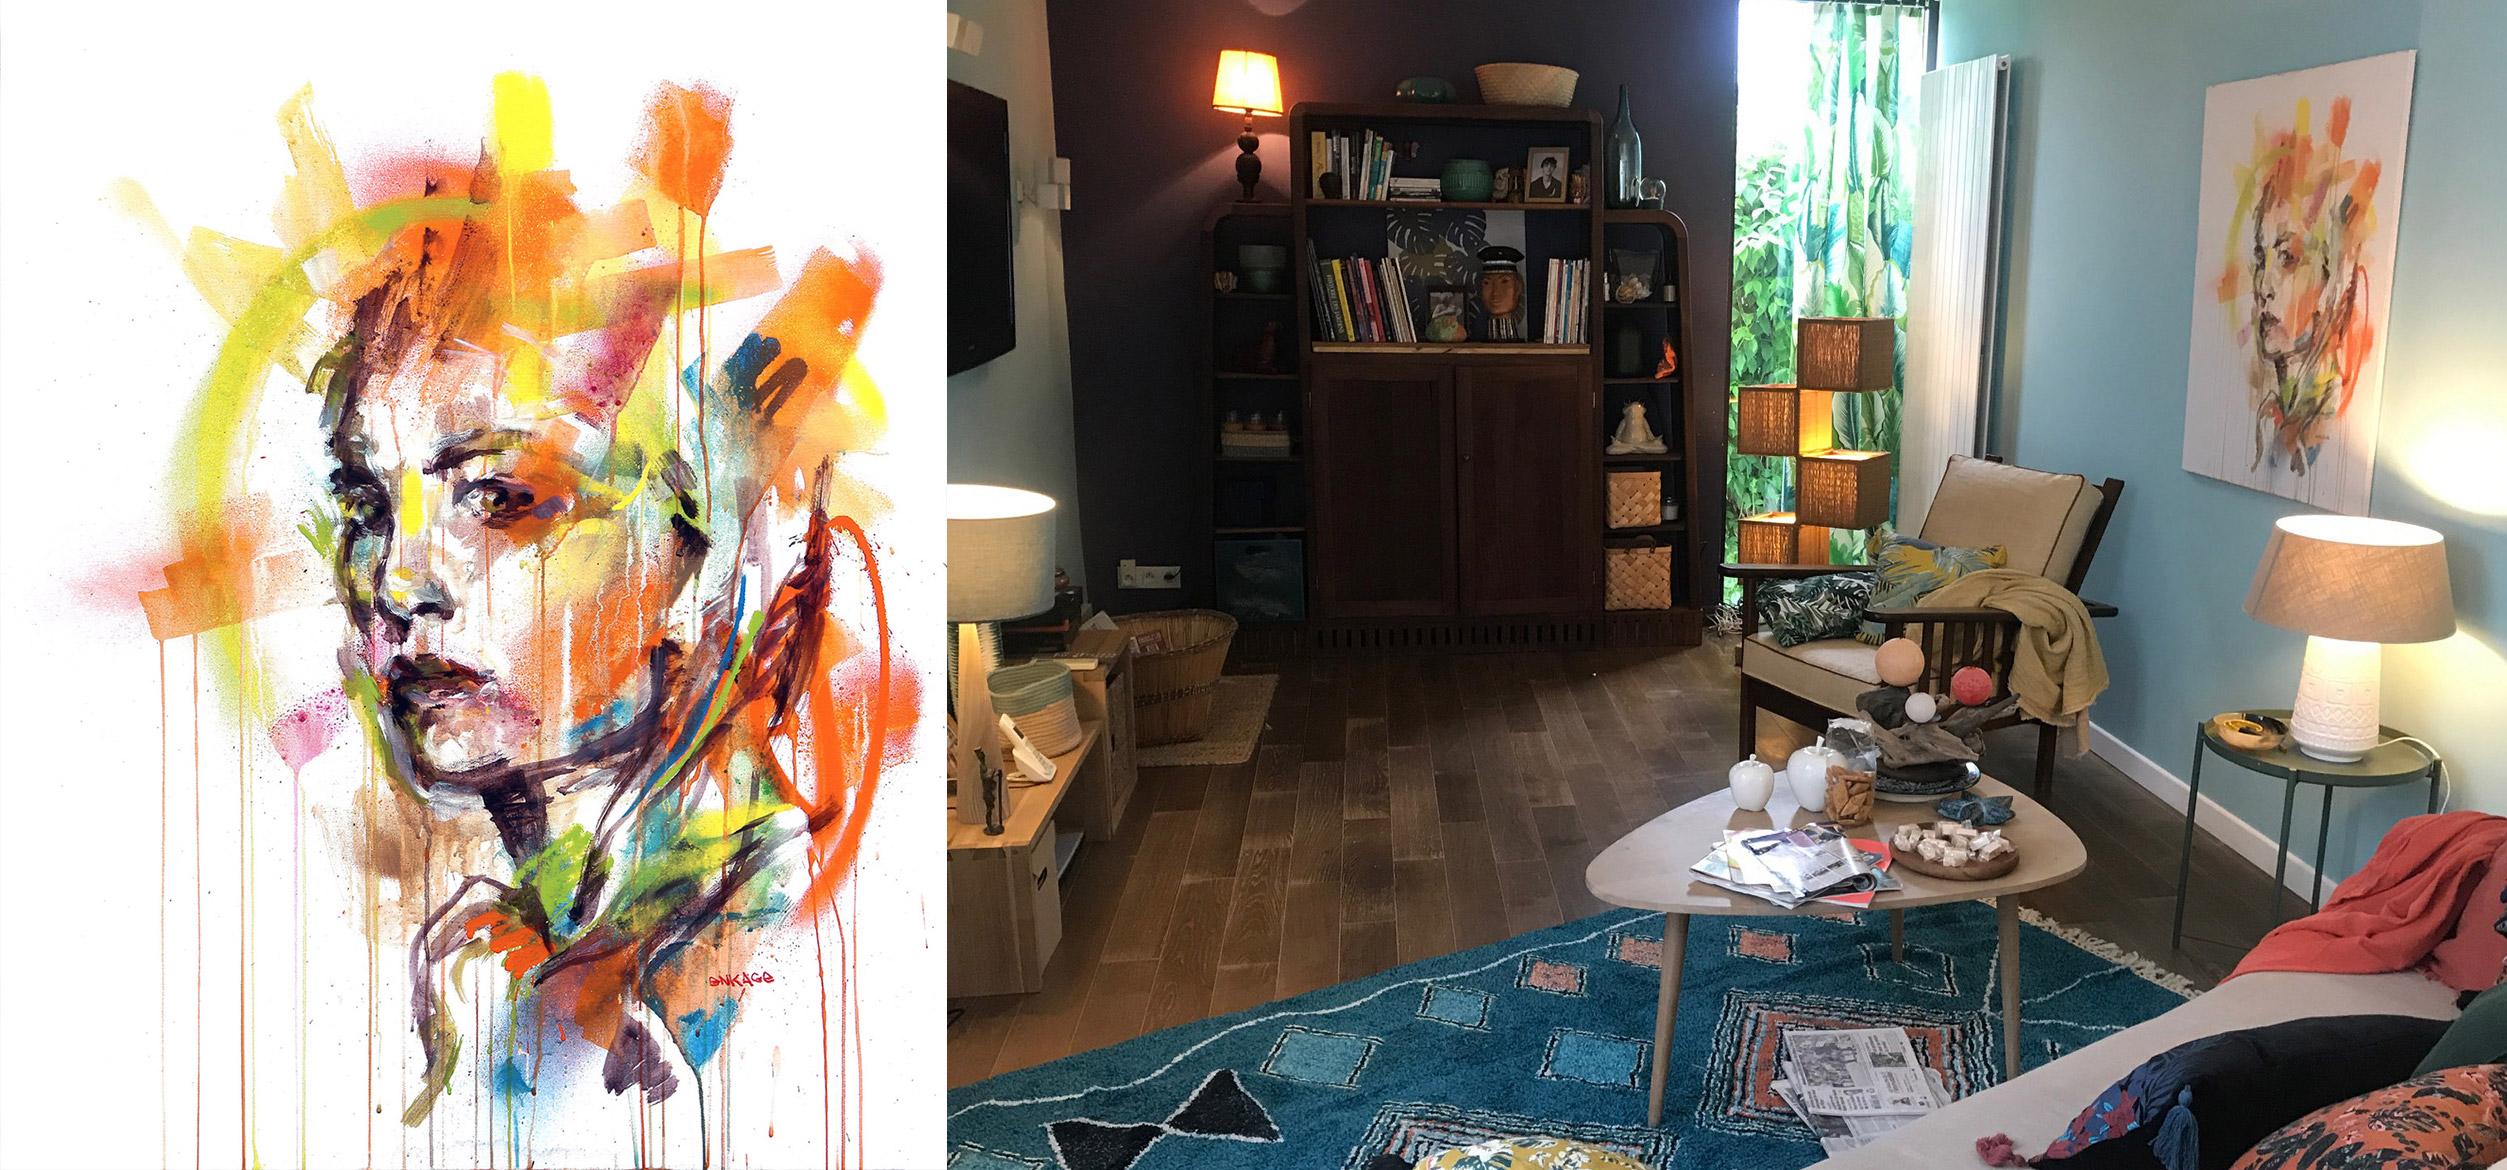 Le cinéma et la peinture: un lieu de rencontre